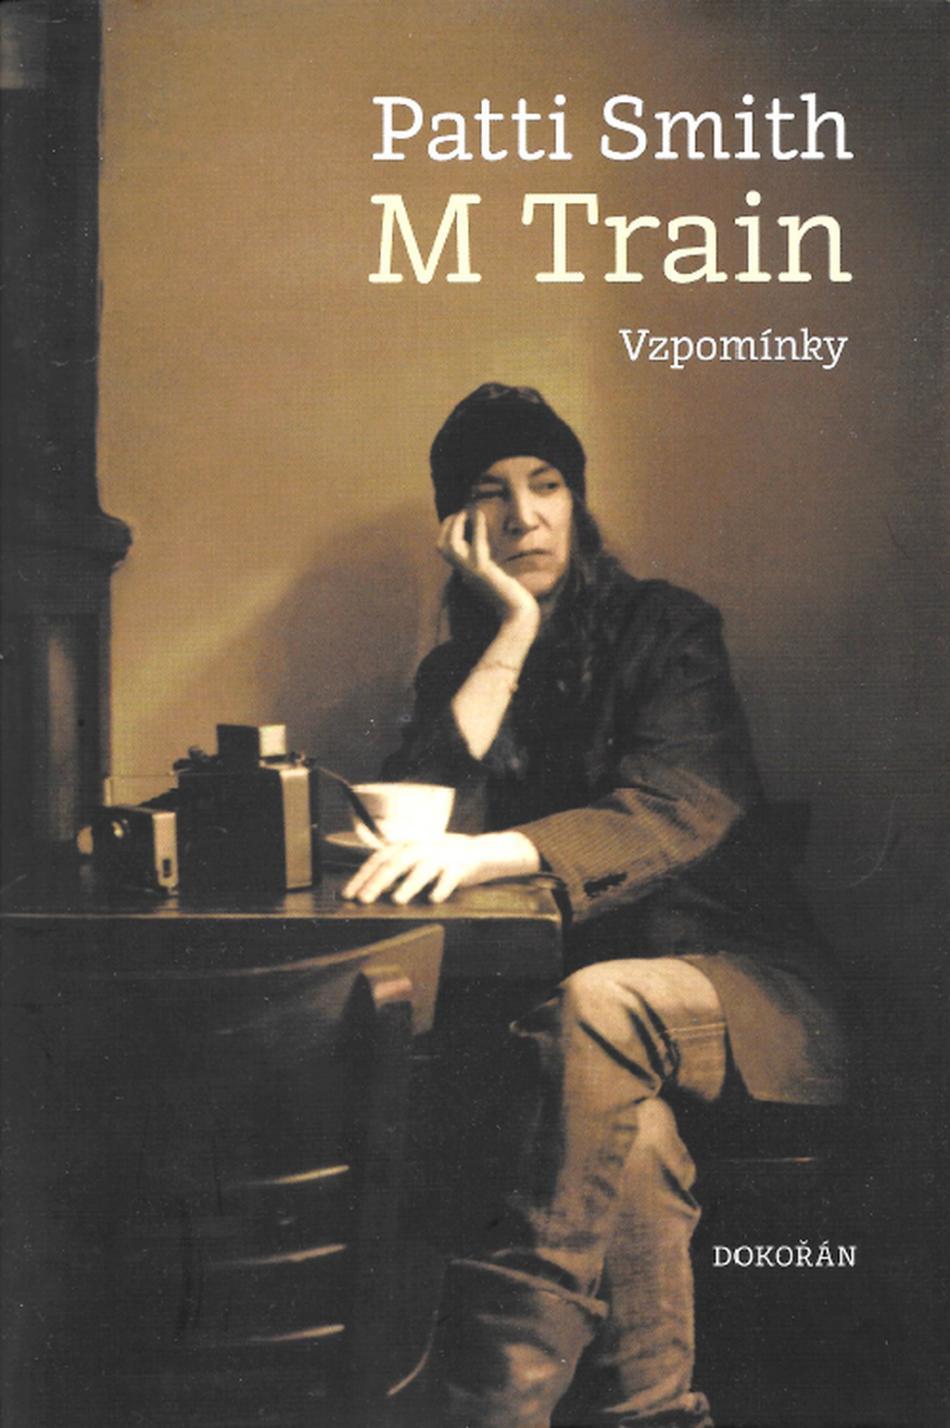 Patti Smith / M Train - vzpomínky